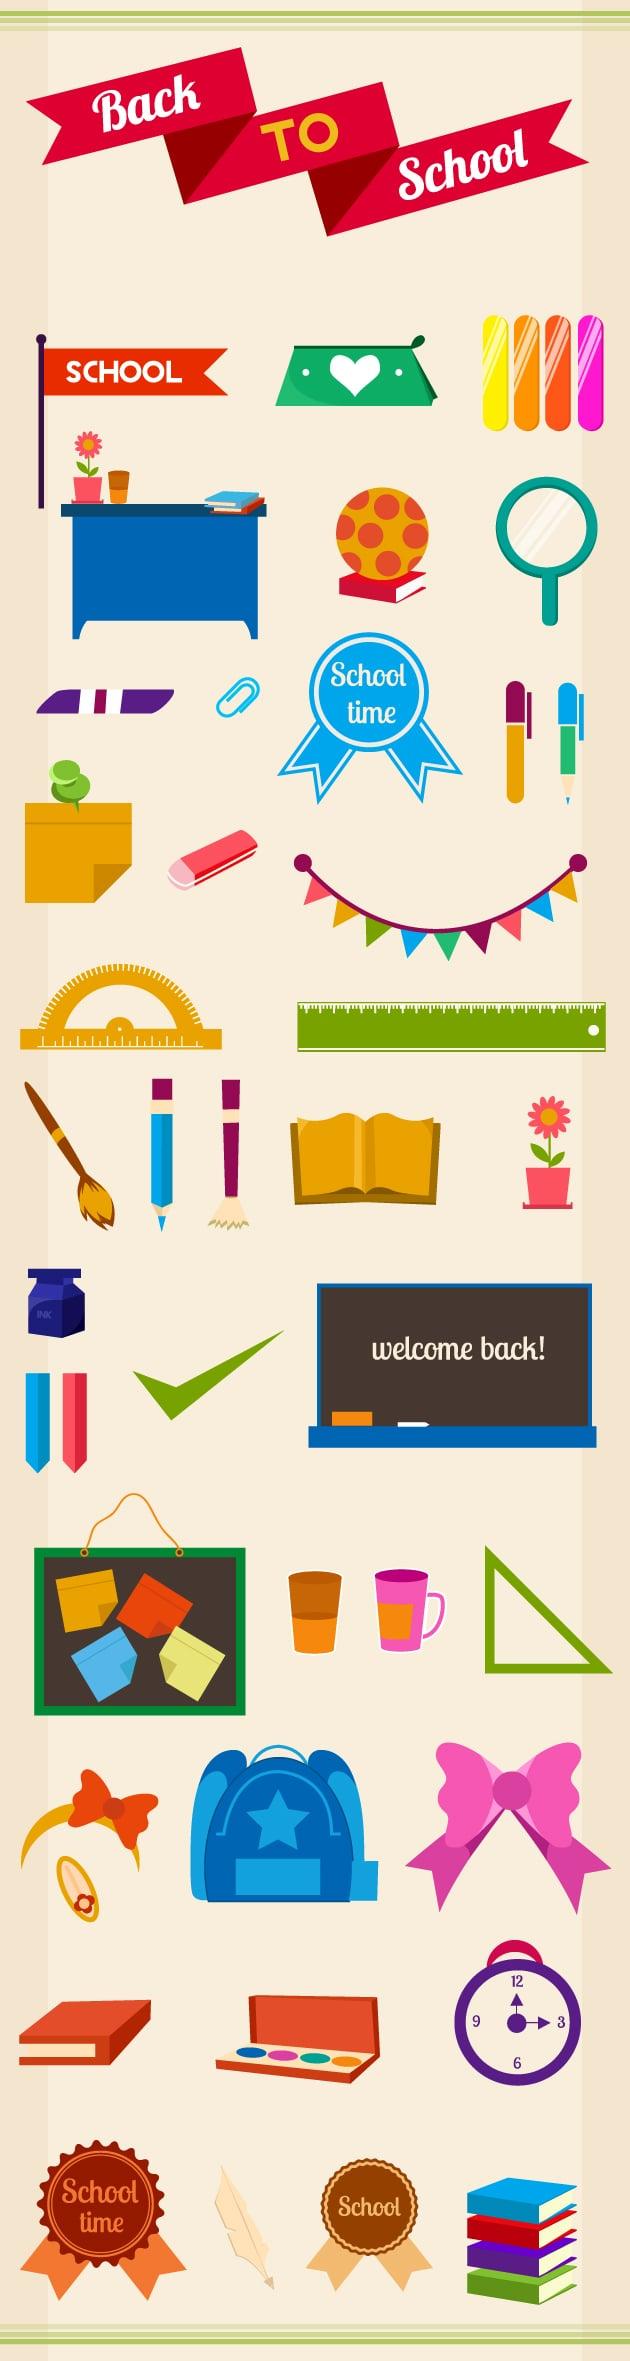 designtnt-back to school vector elements-vector